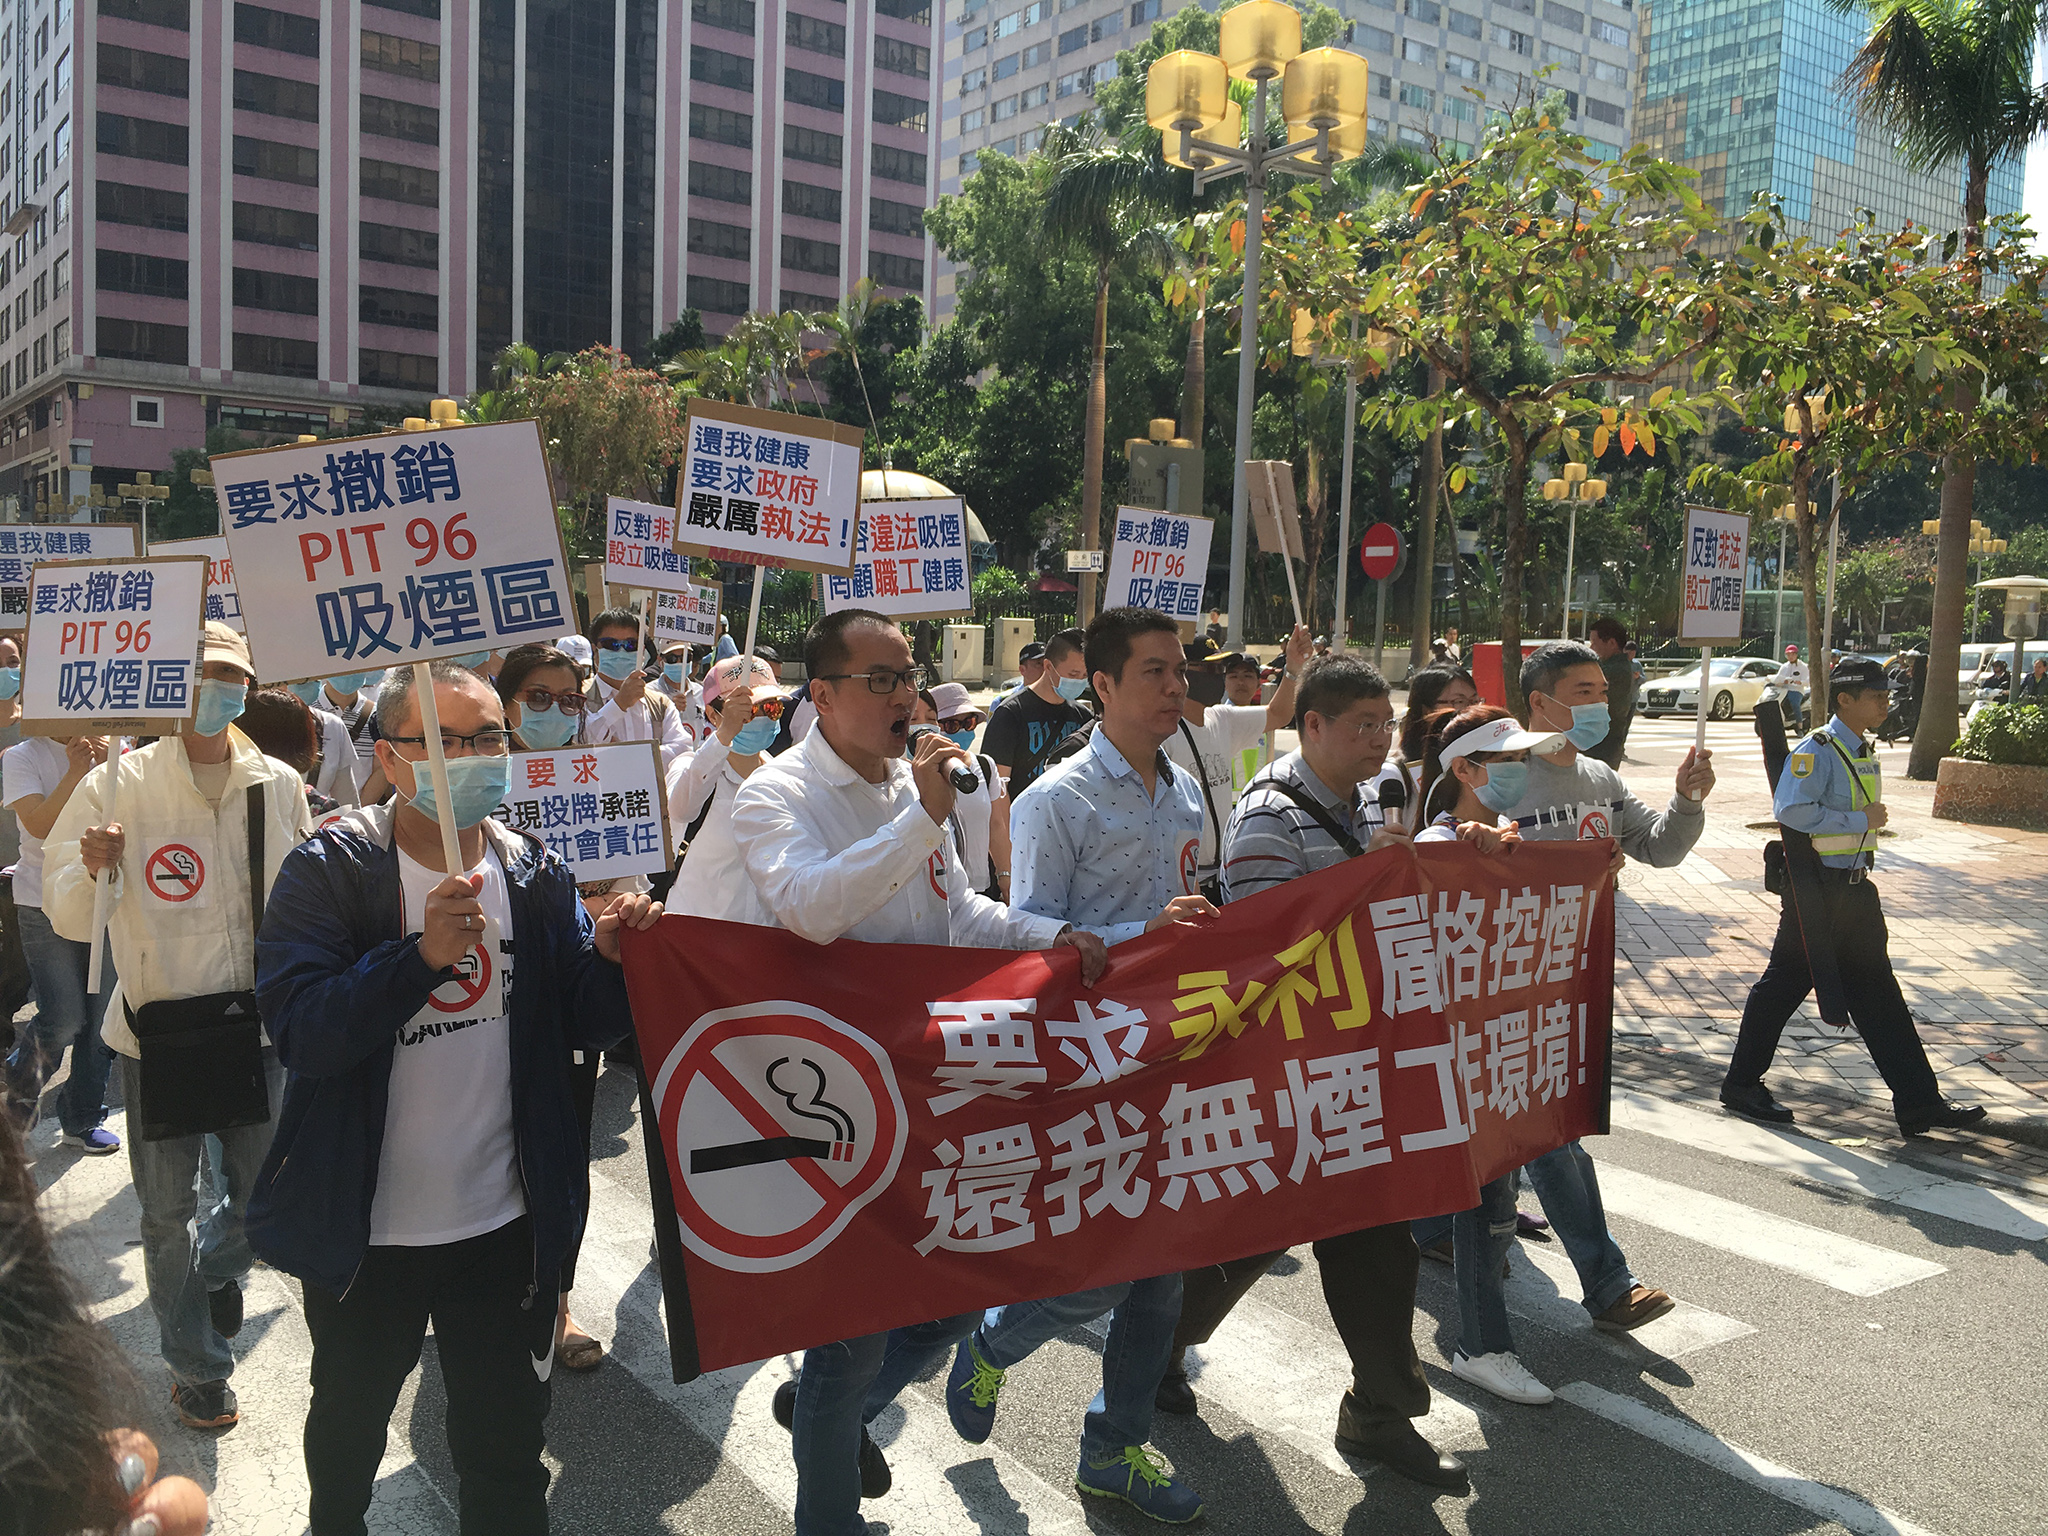 Manifestação |200 funcionários da Wynn protestam contra tolerância ao tabaco